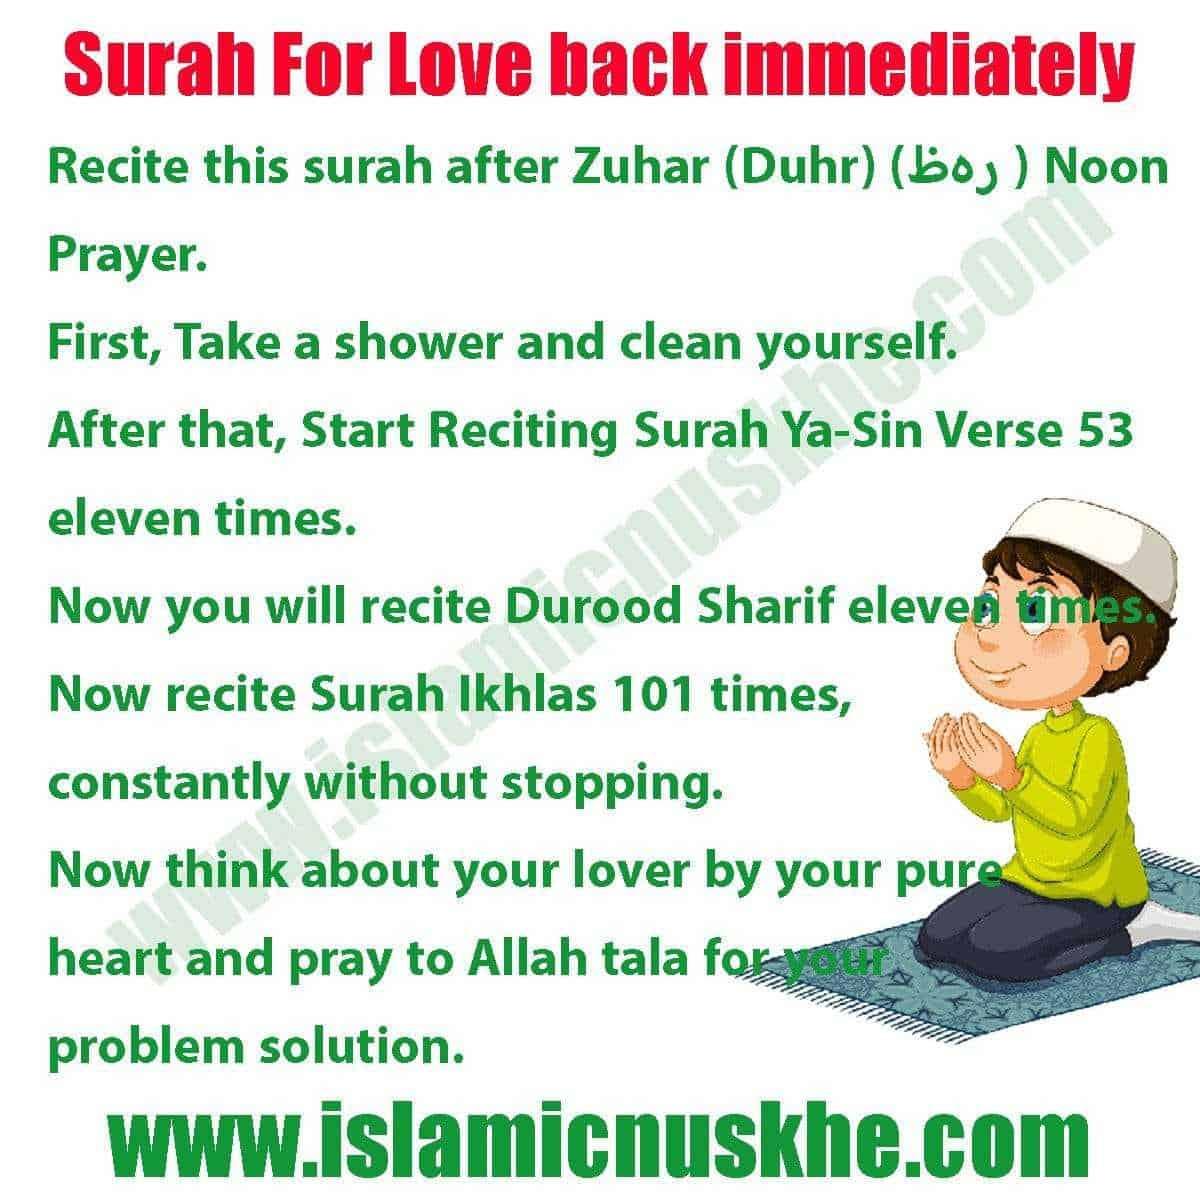 Surah For Love back immediately.